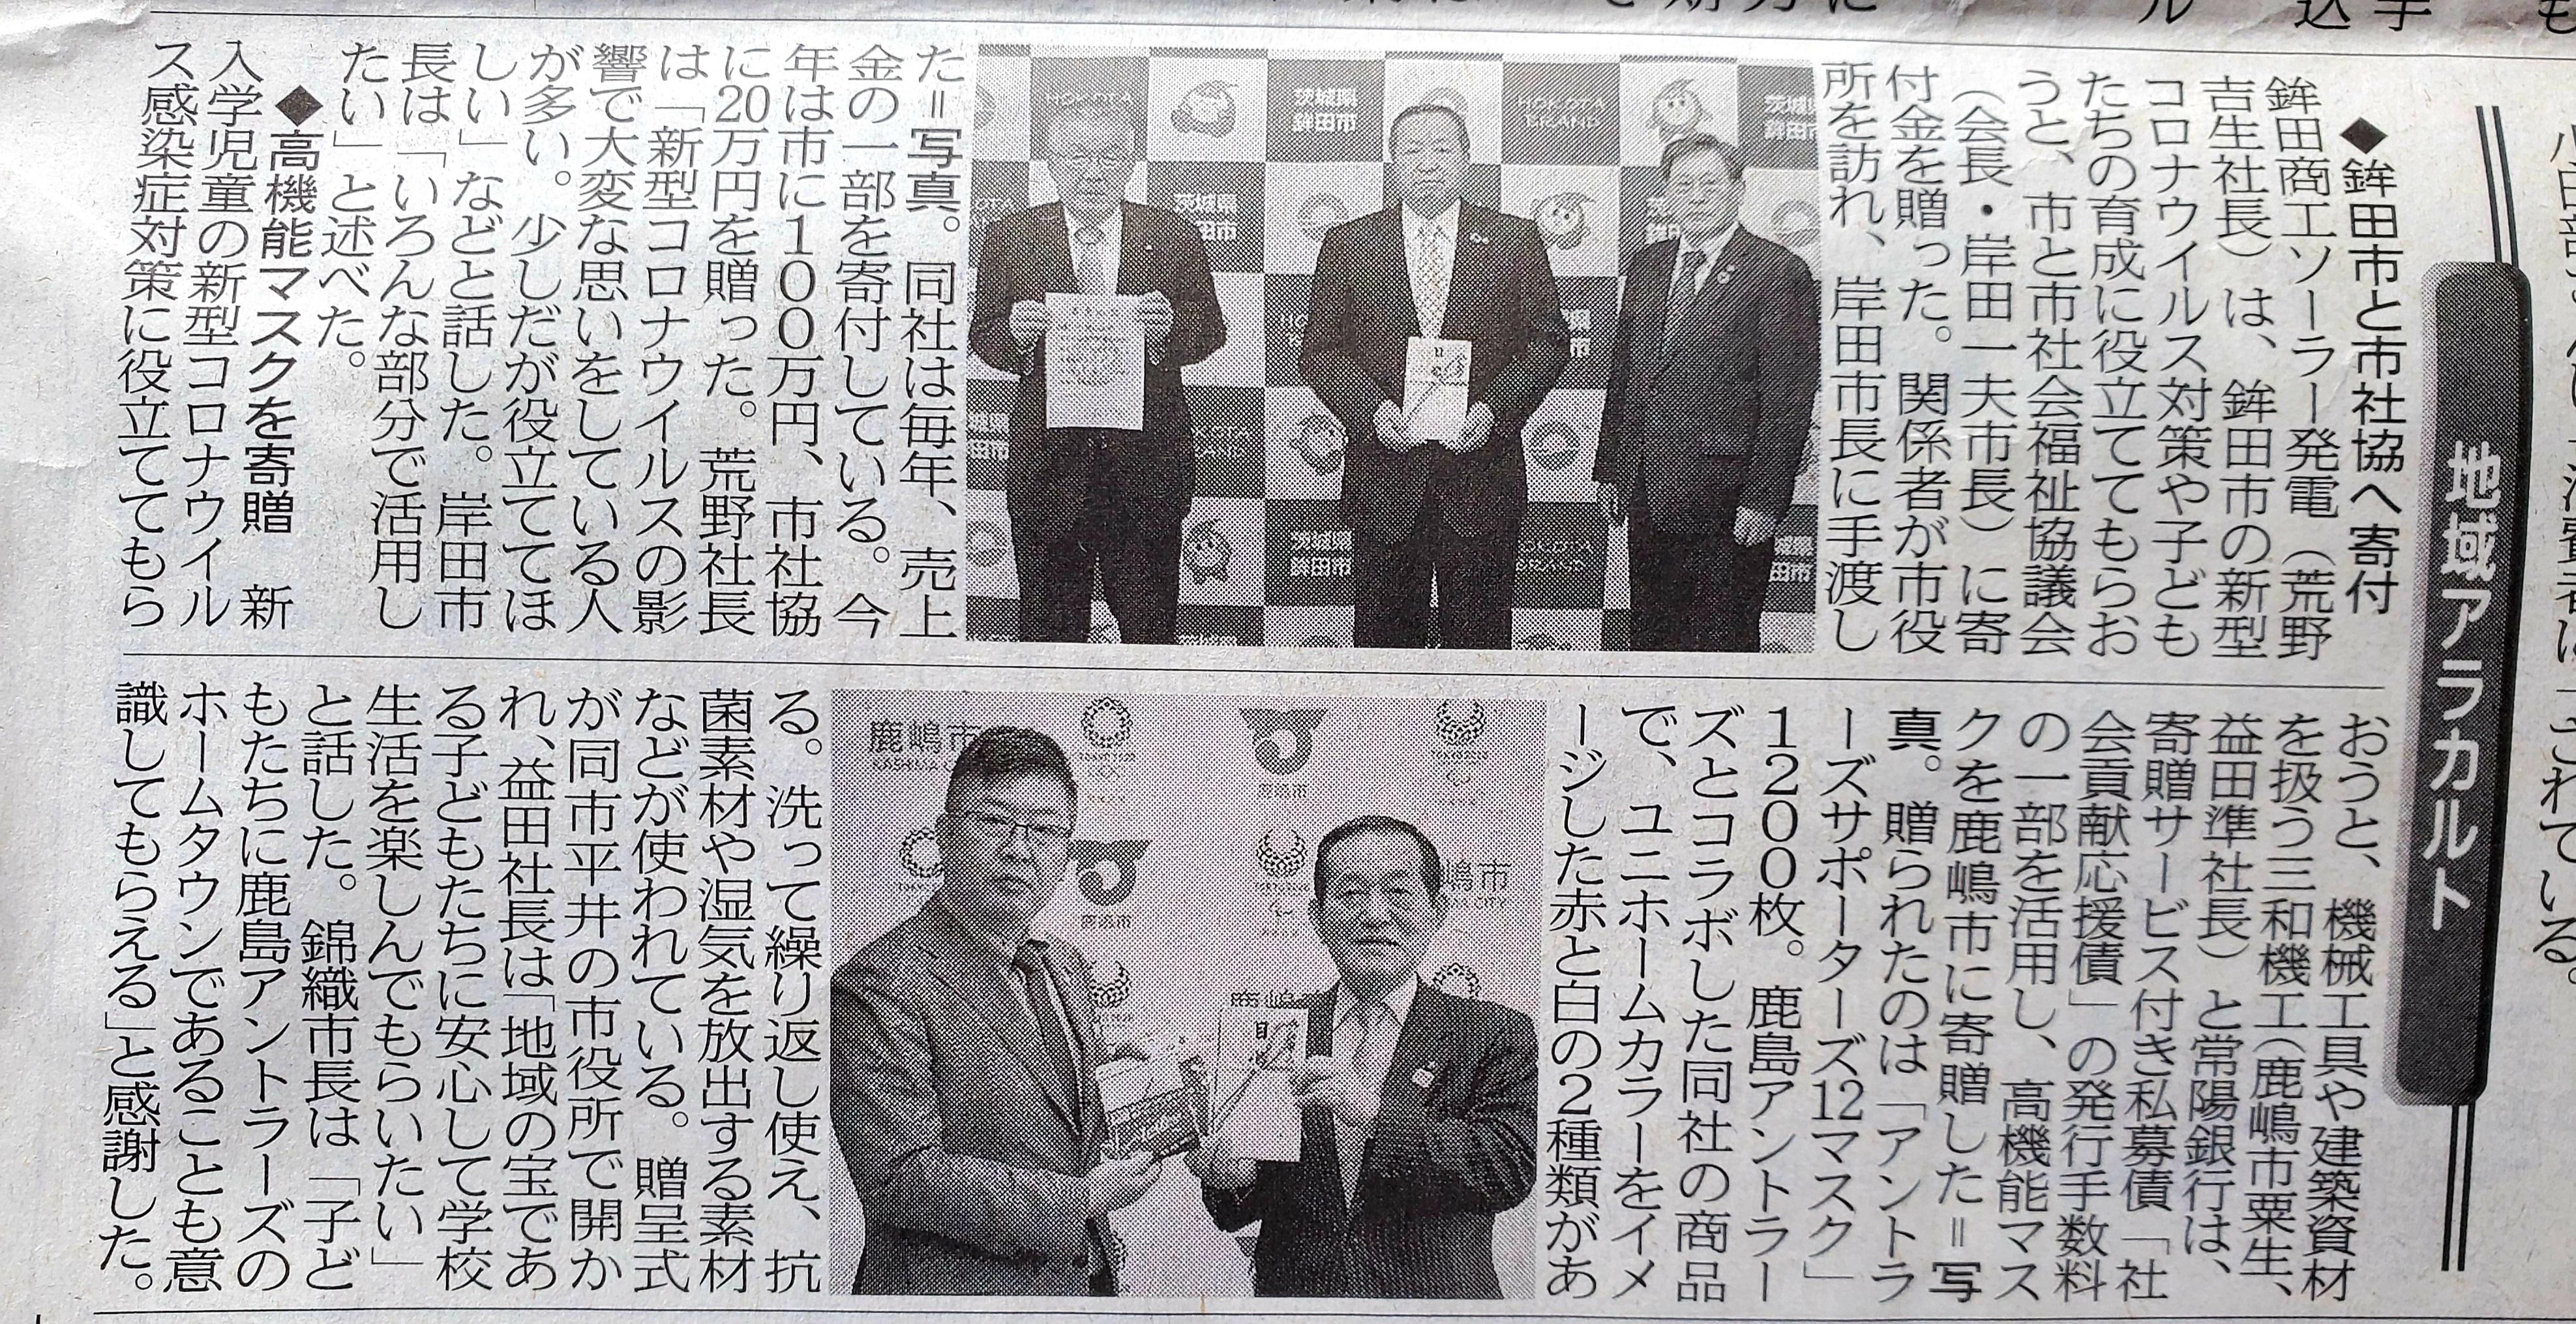 茨城新聞さんに掲載されました。「高機能マスクを寄贈」